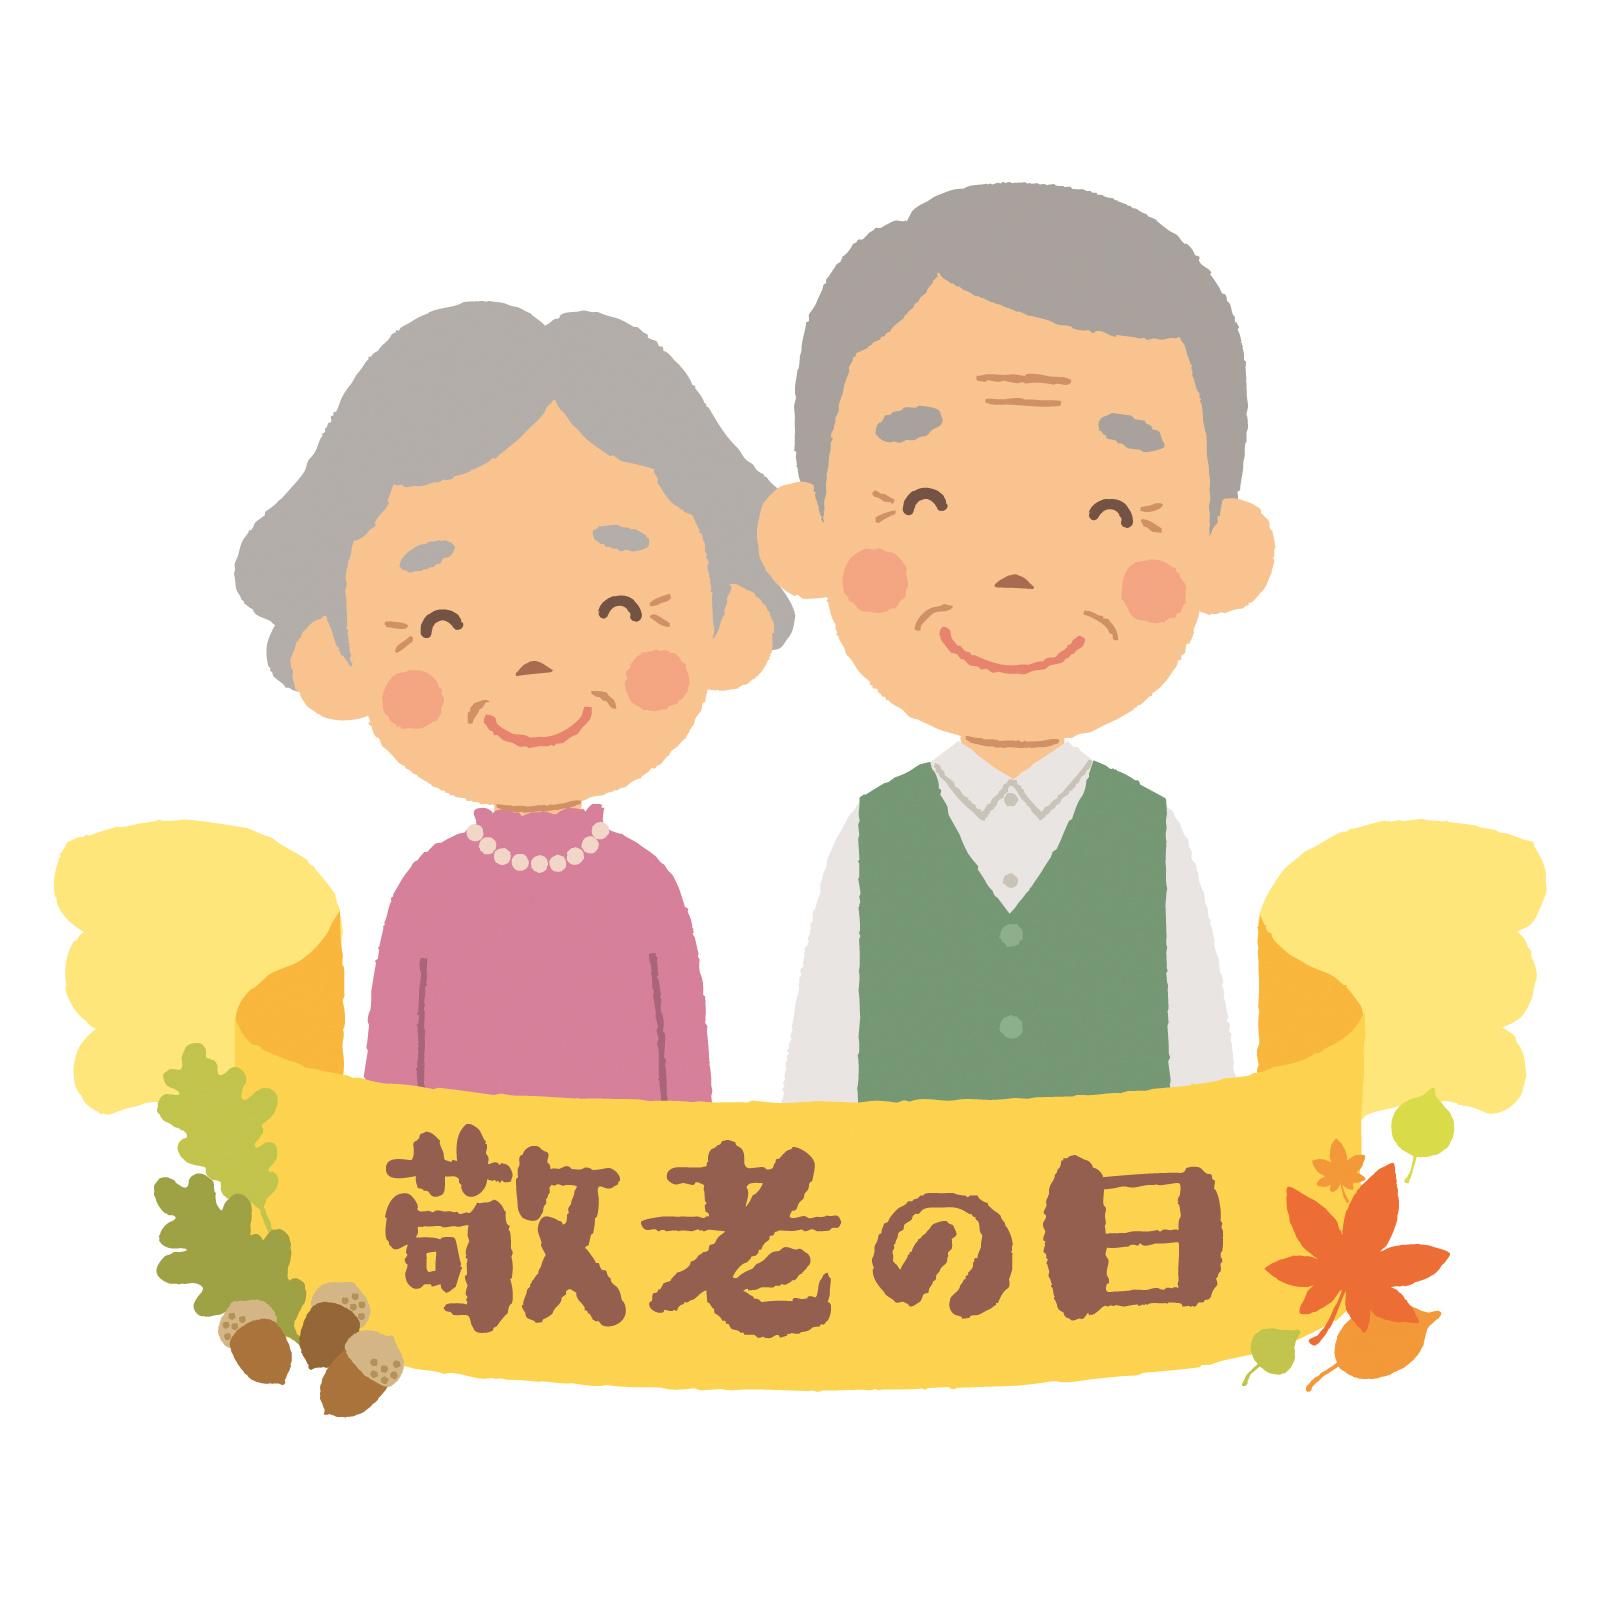 【敬老の日に解きたいクイズ 30問】敬老会で最適!!高齢者向け雑学&豆知識問題を紹介!